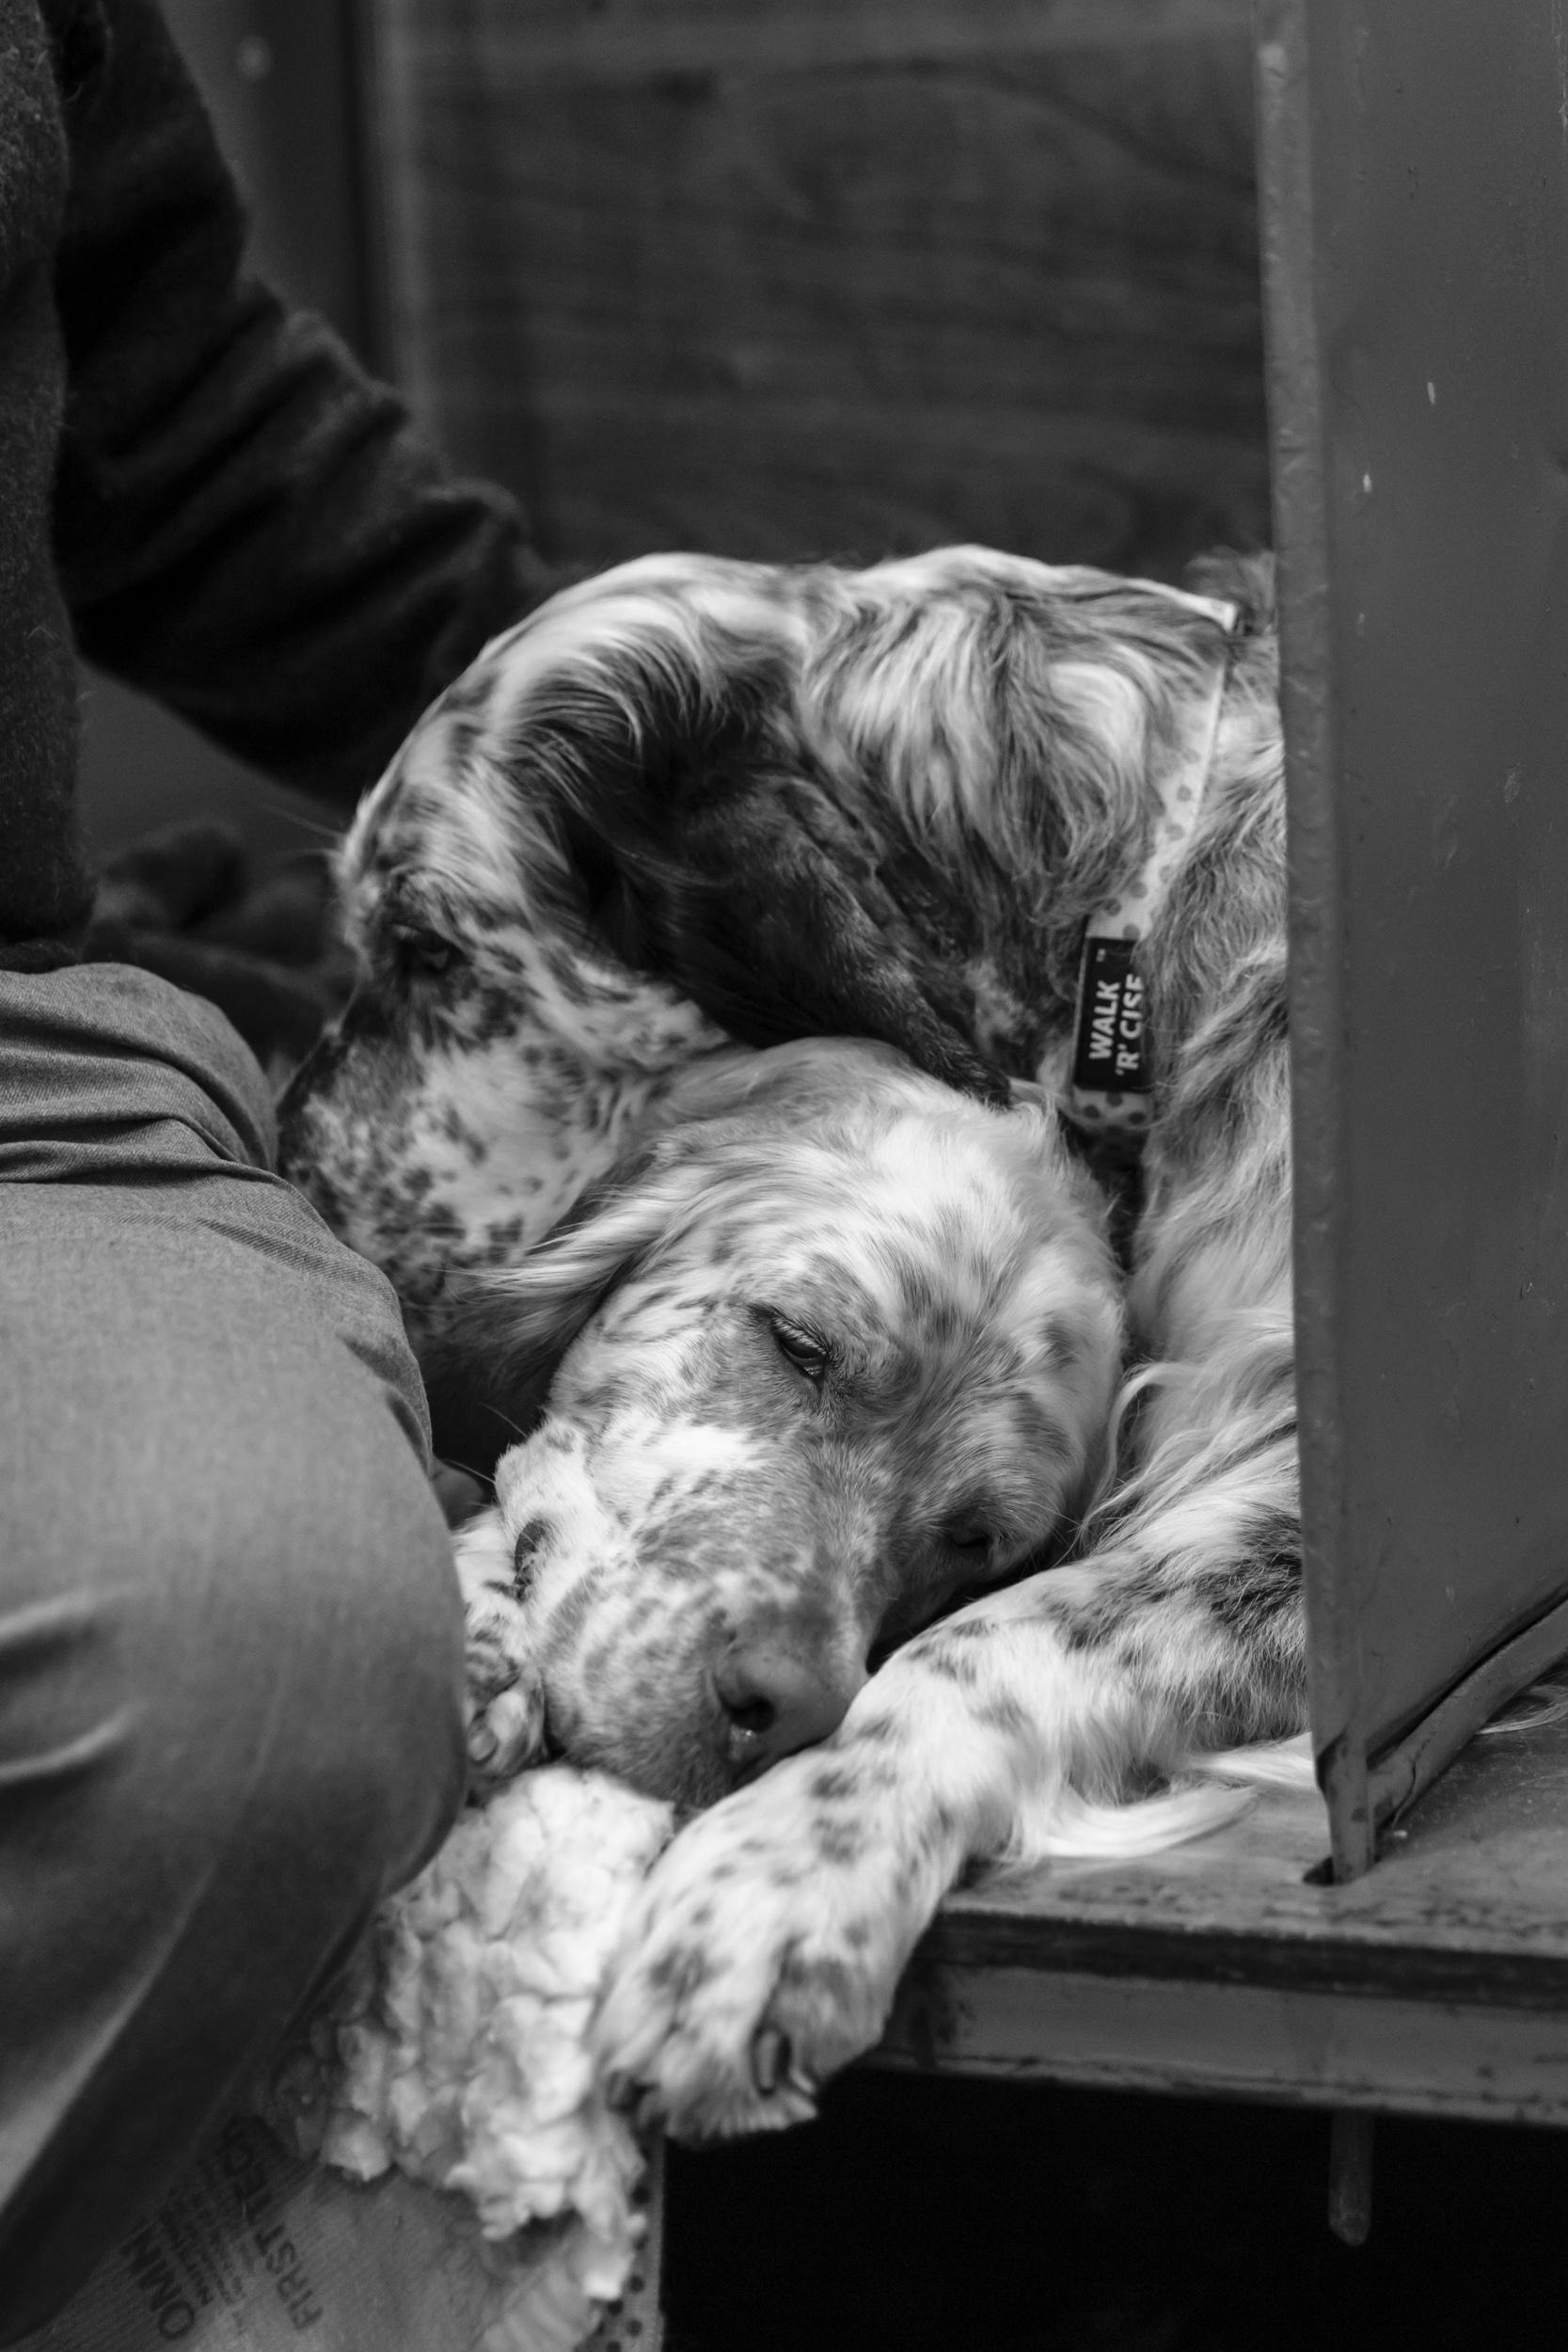 Surrey Pet Photographer at Crufts